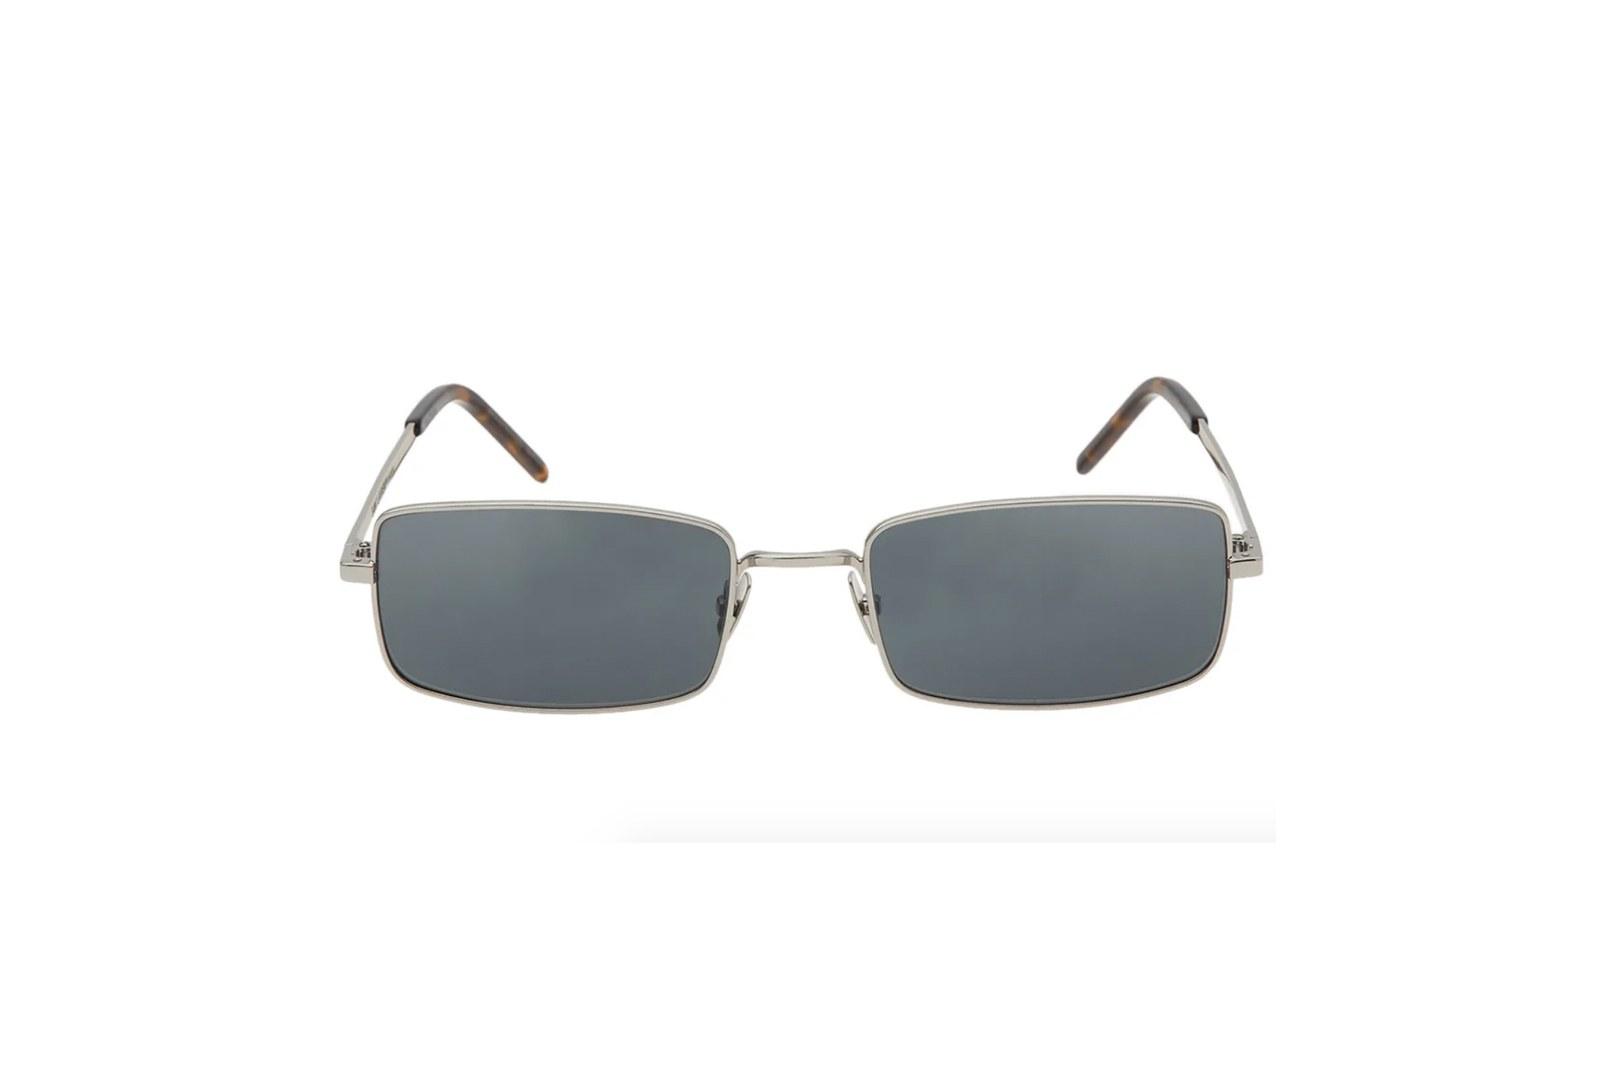 Kính Saint Laurent SL 252 sunglasses